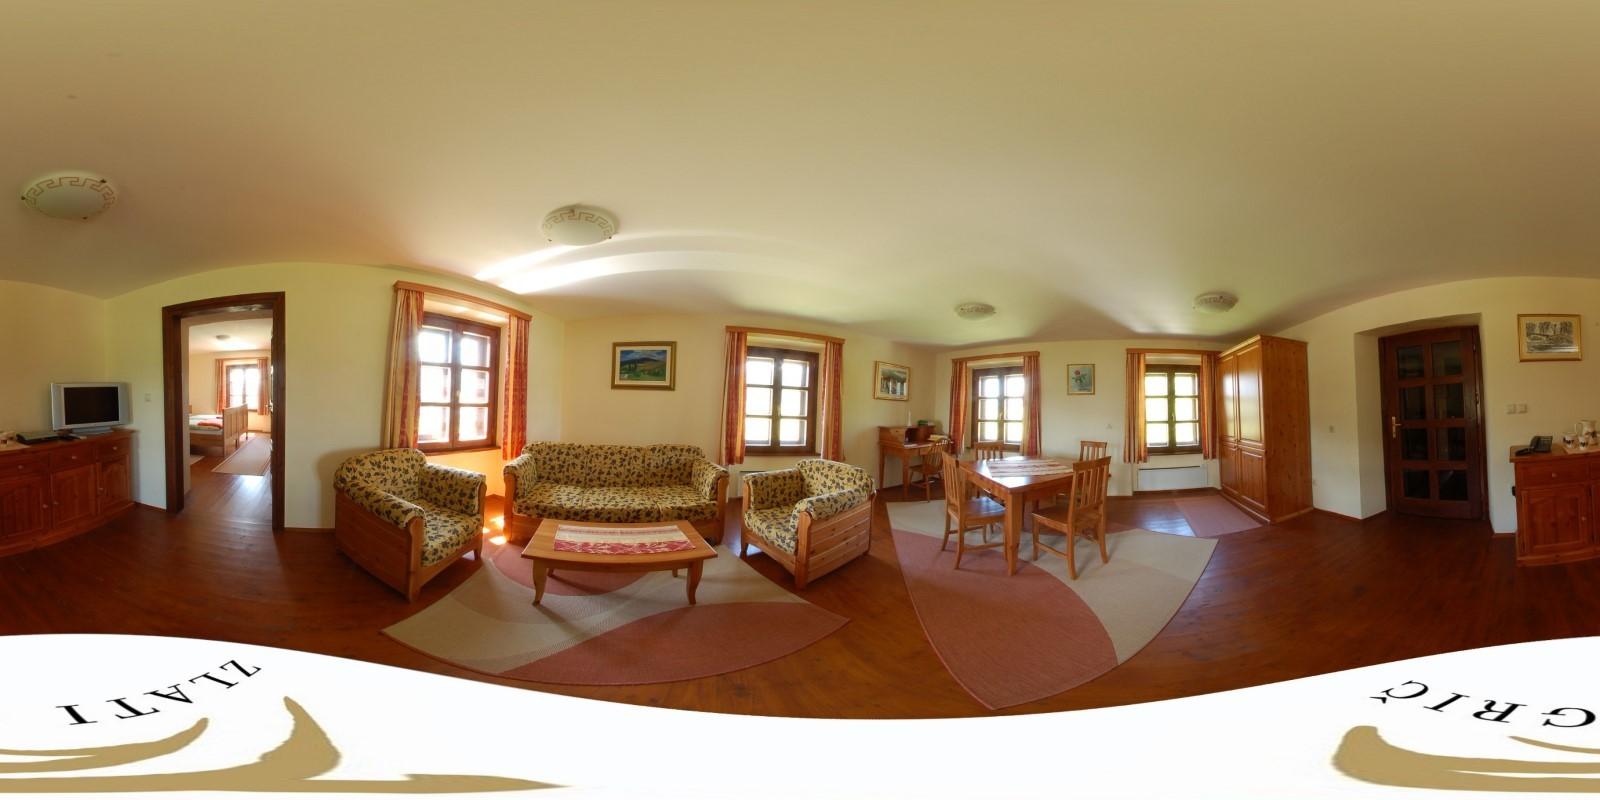 Vinogradniški dvorec - dnevna soba